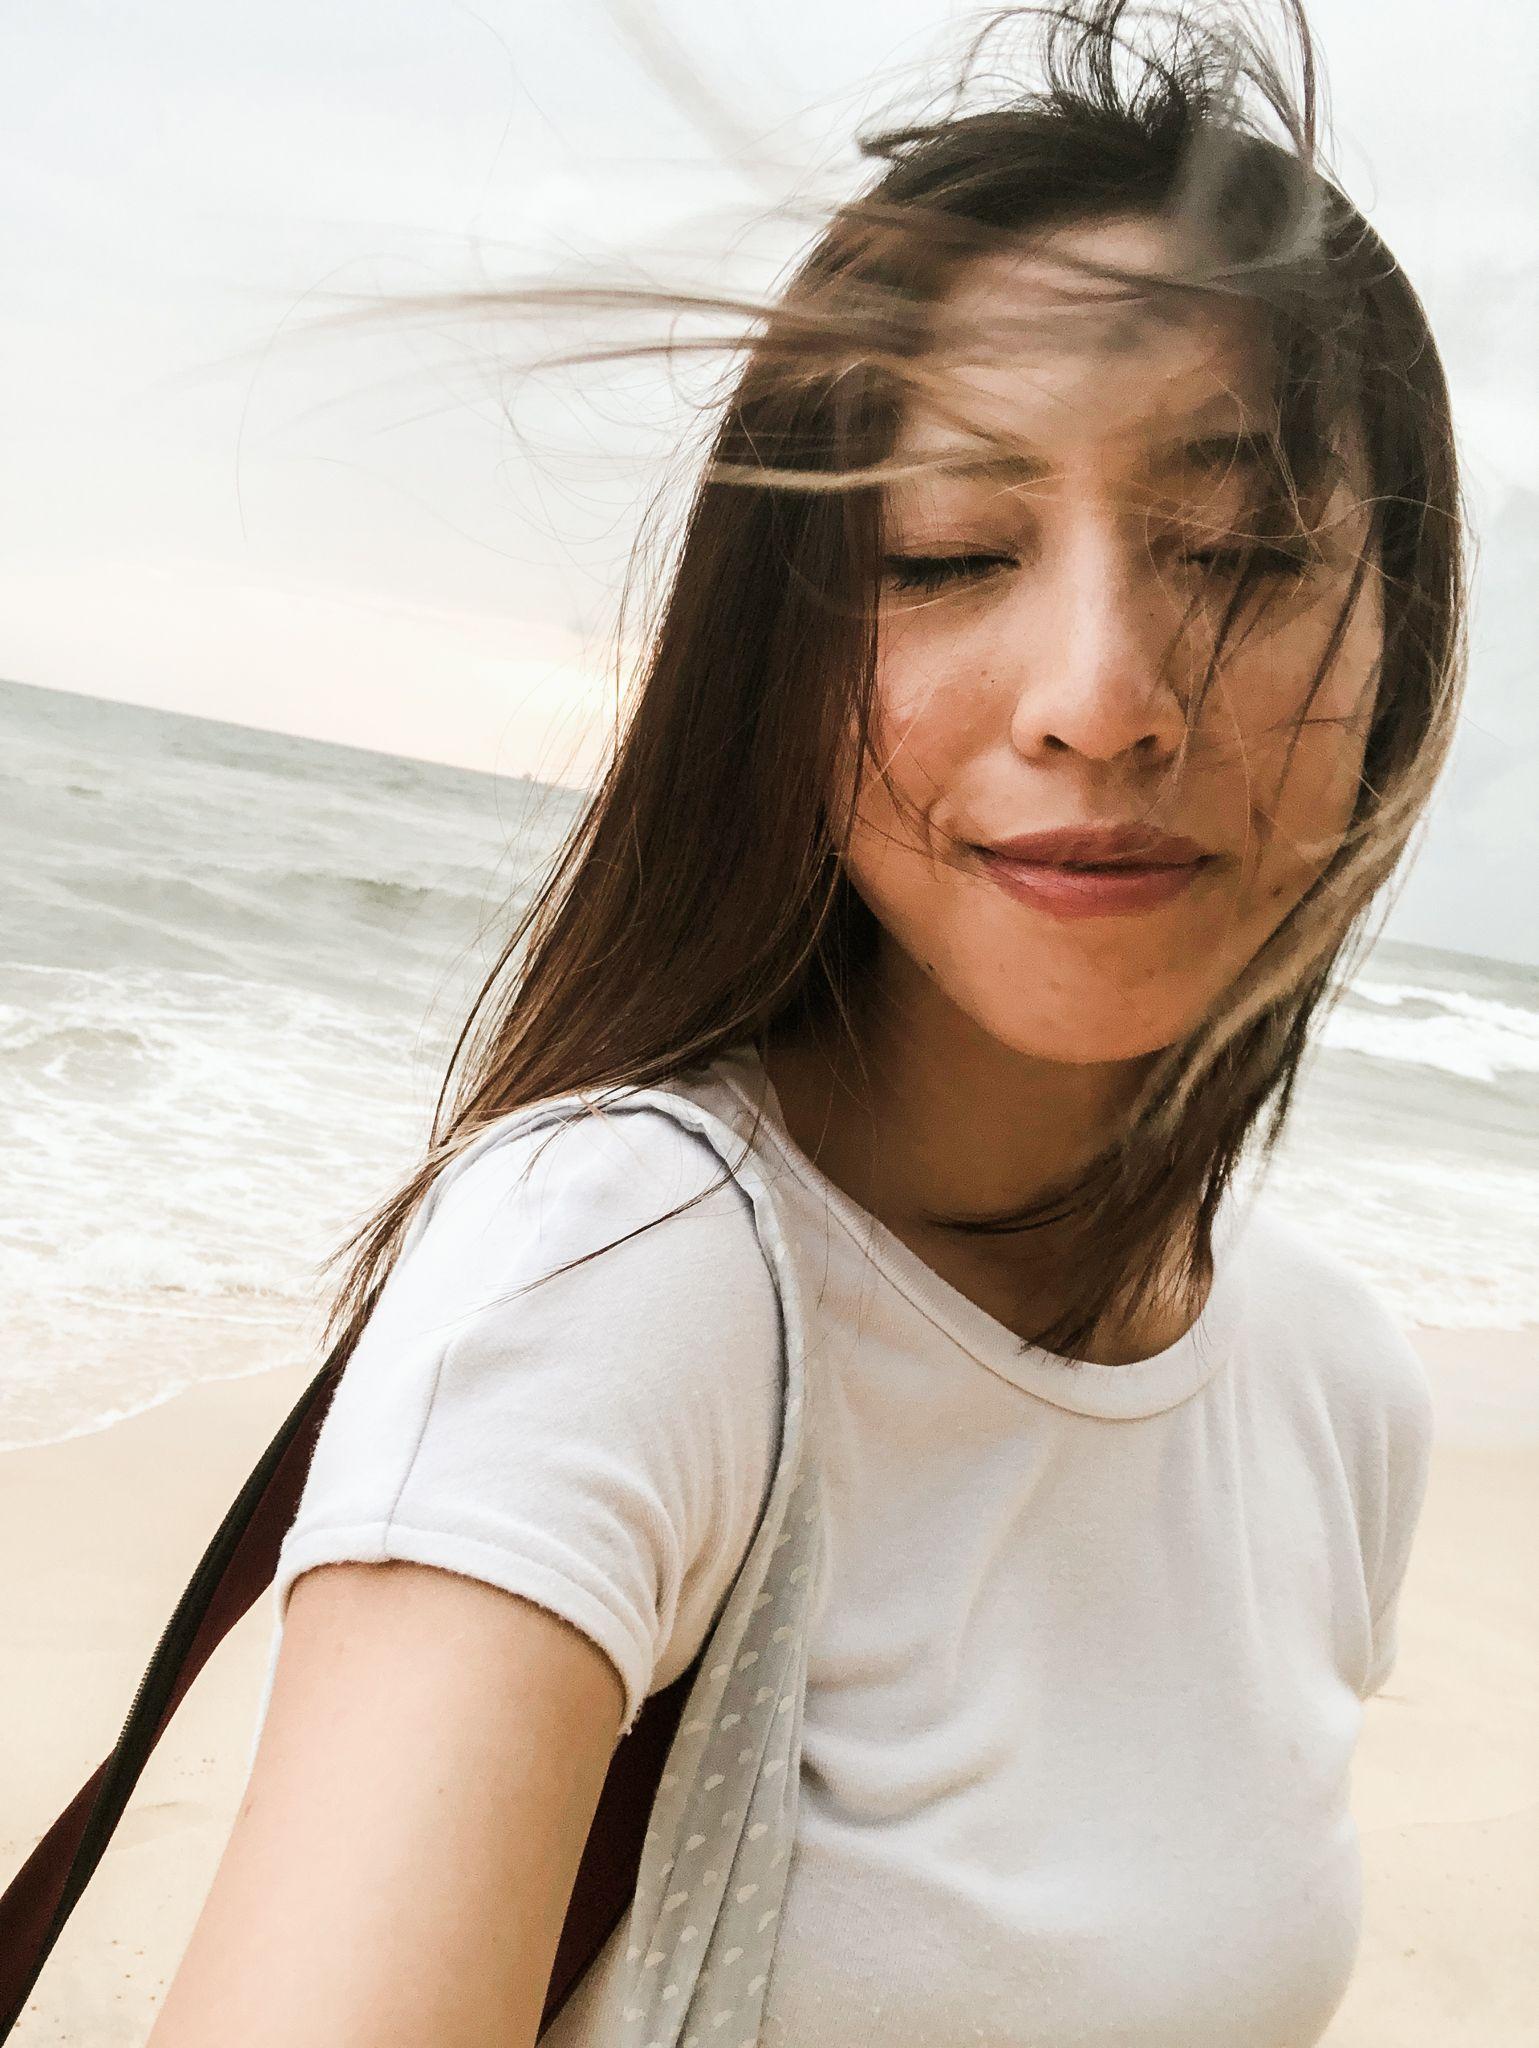 Kim Thuy Tu